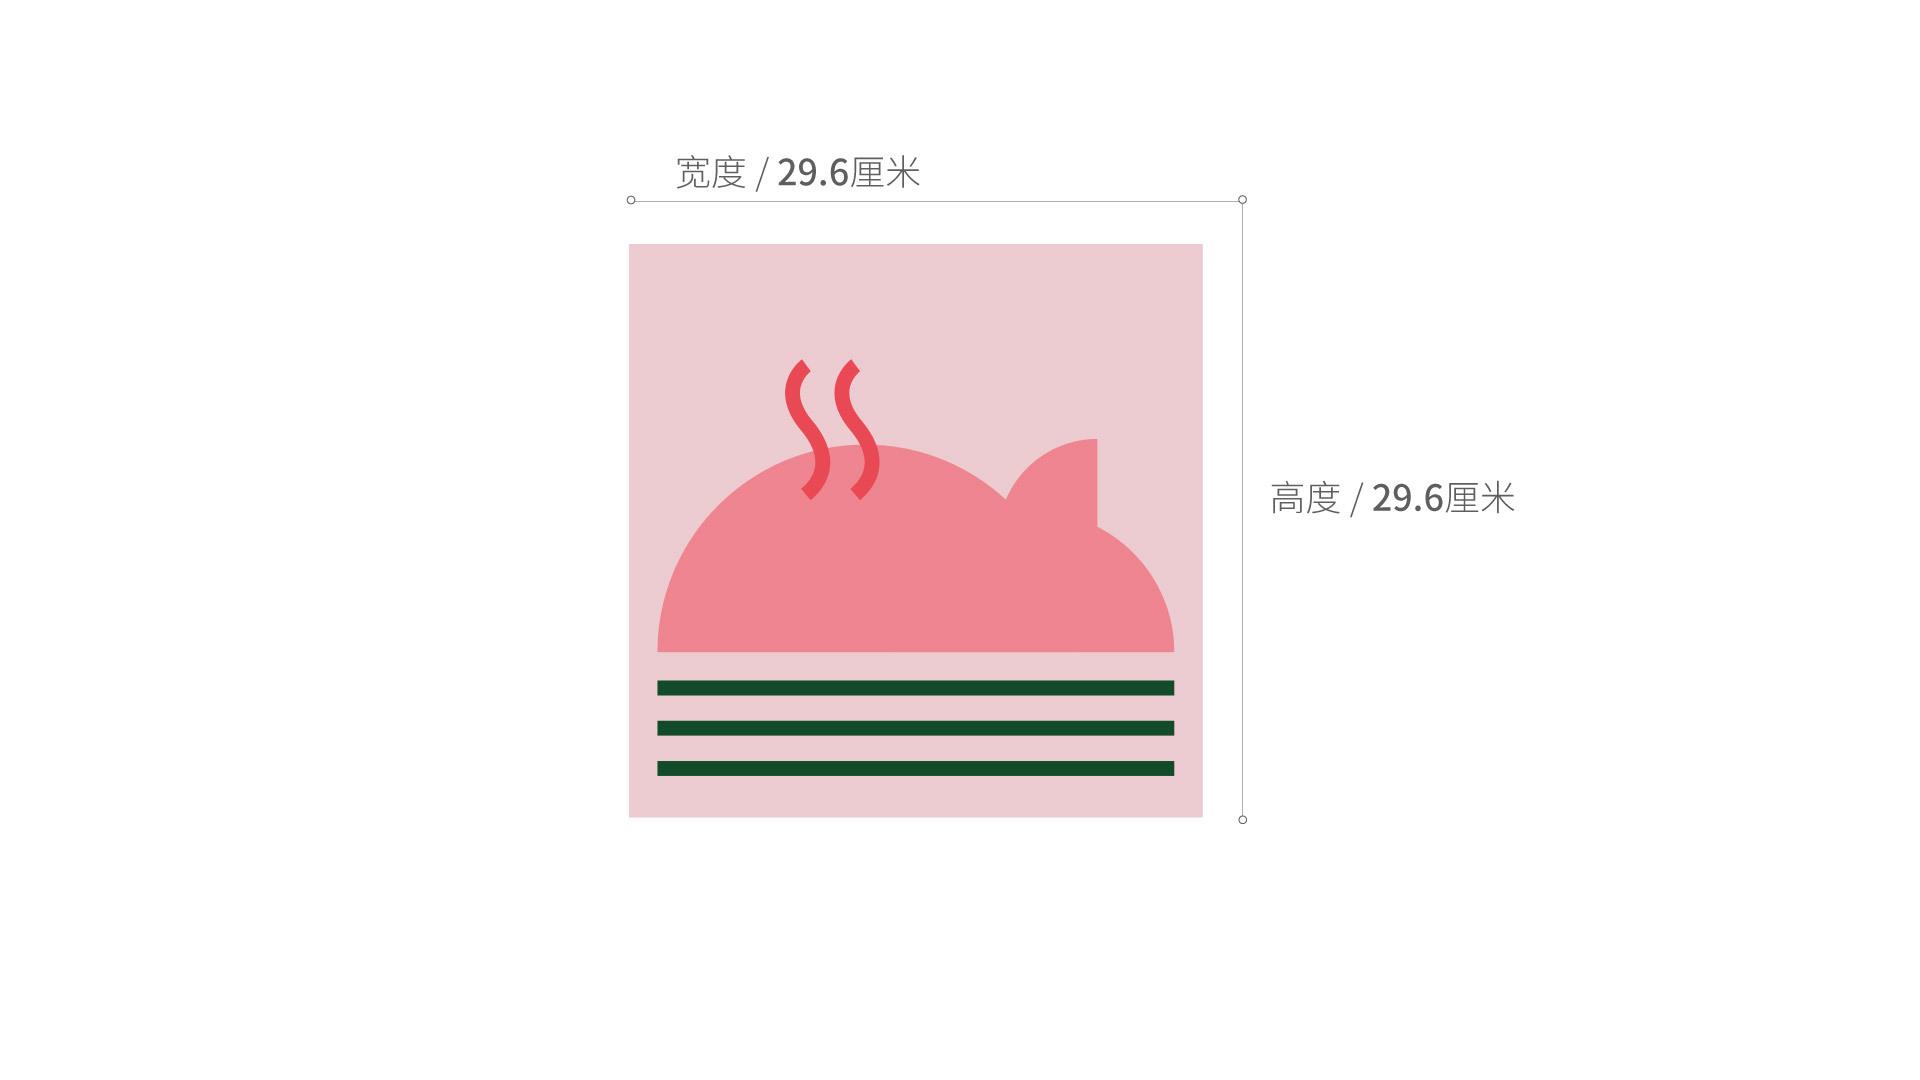 造画-猪猪系列1无画框装饰效果图